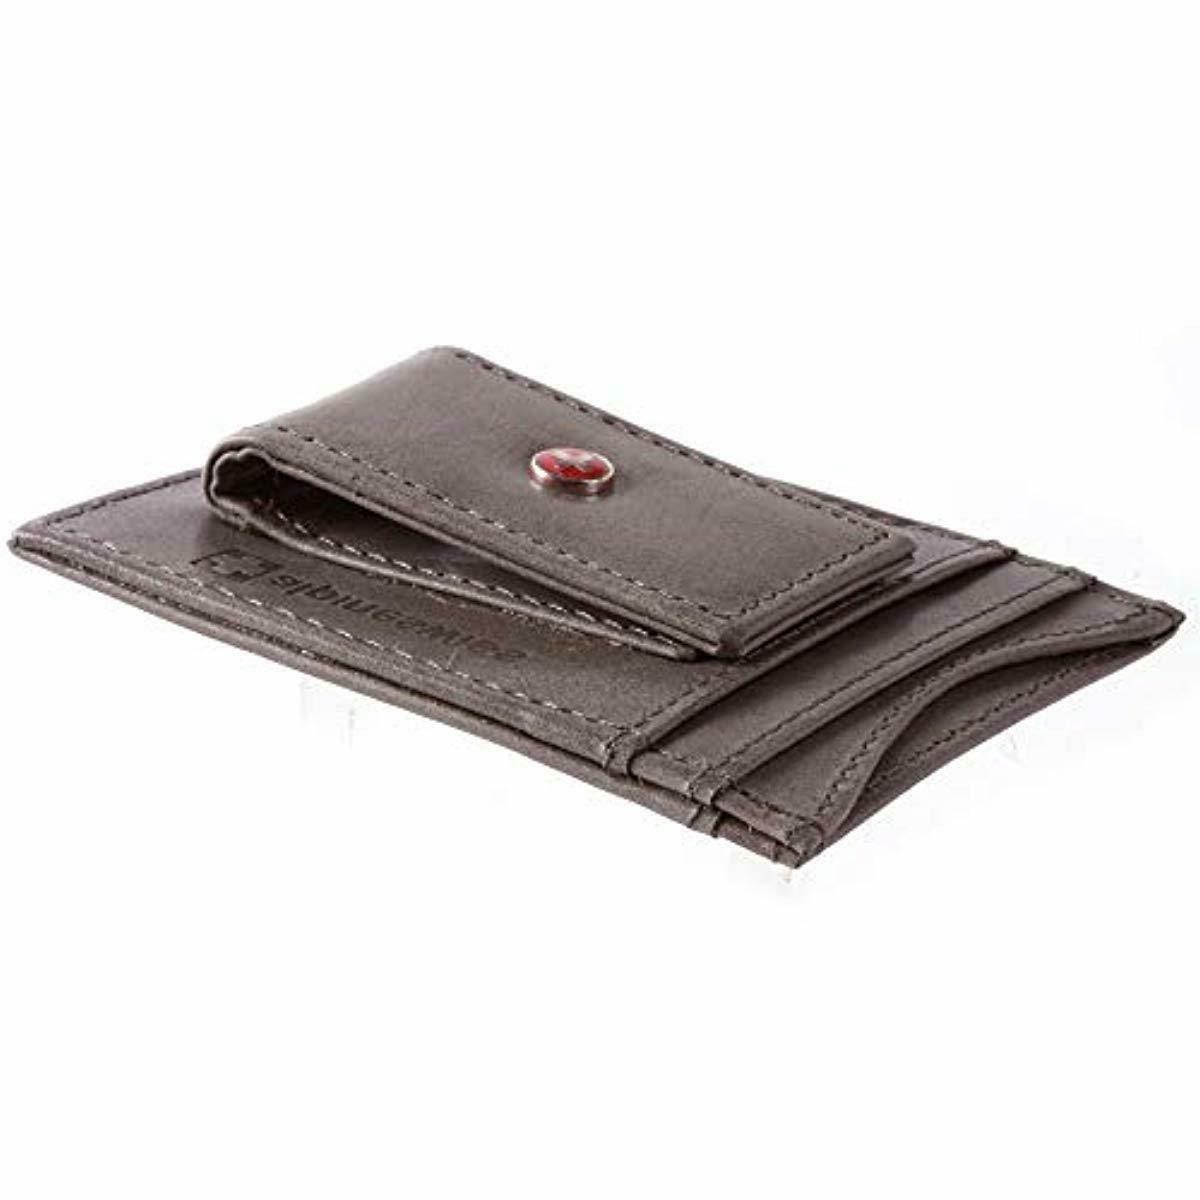 Alpine Leather Money Slim